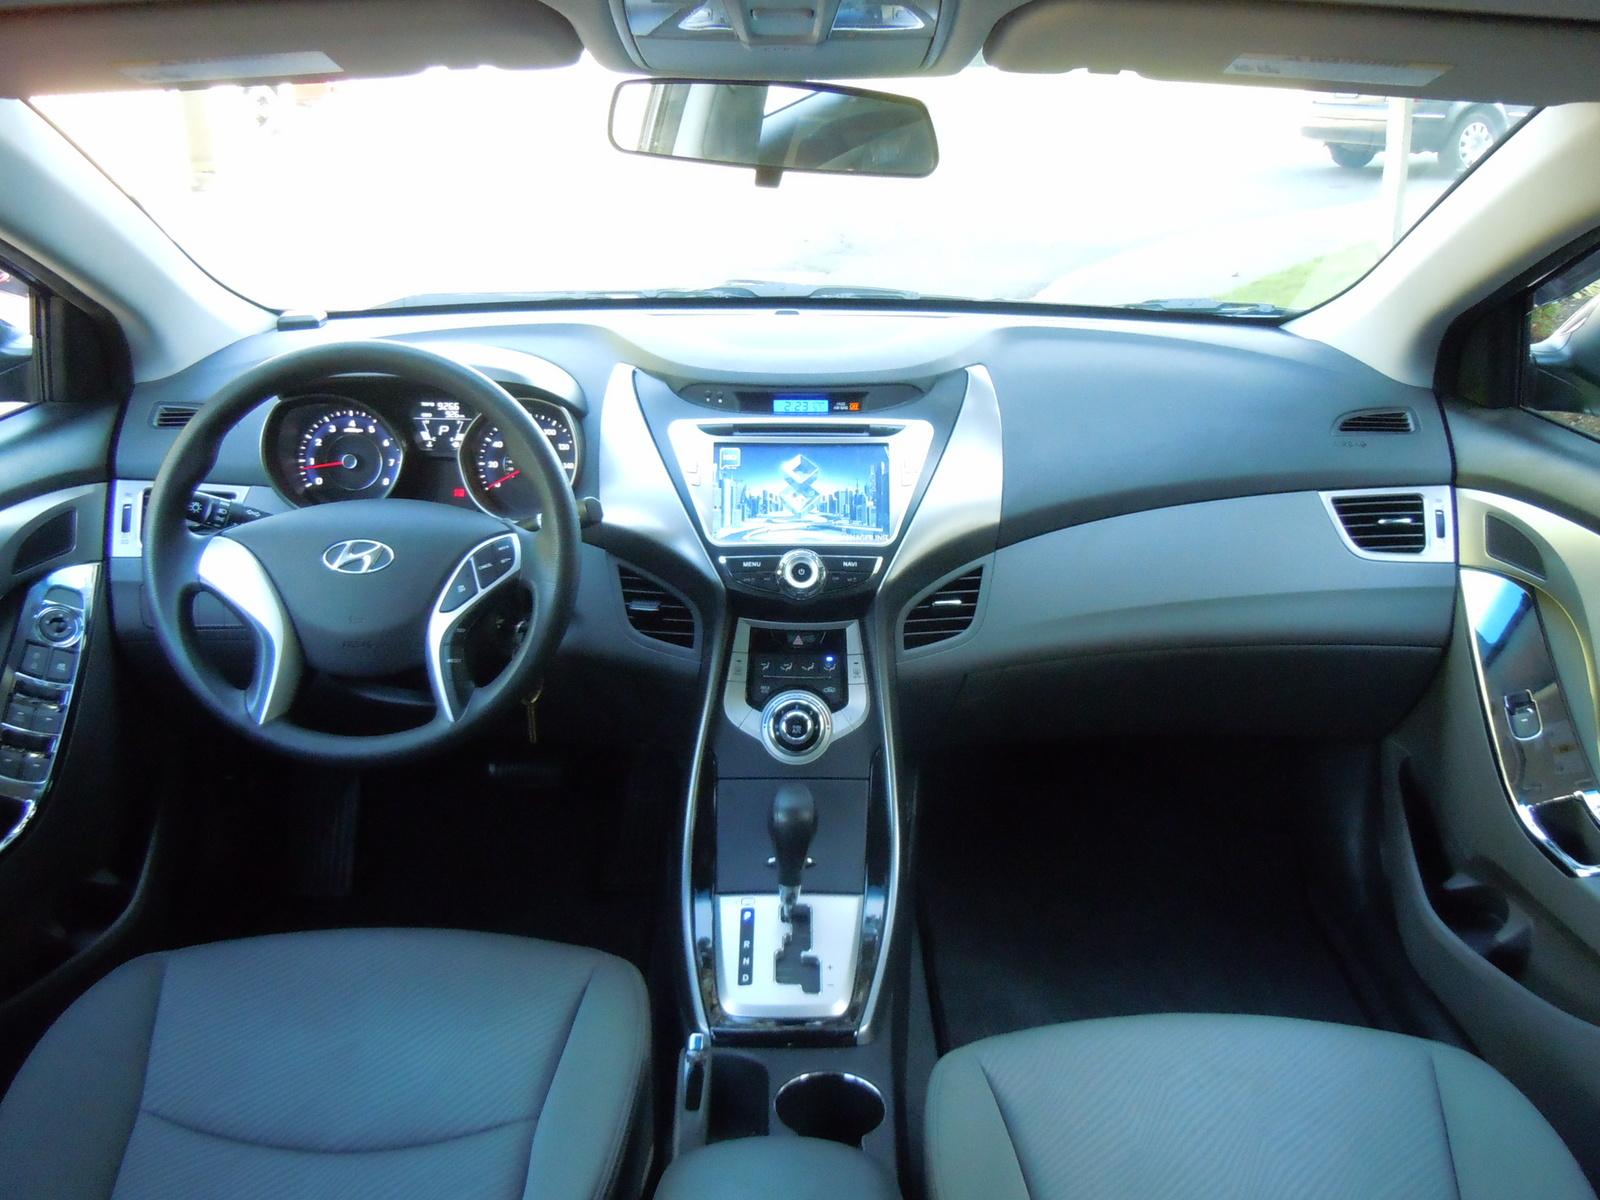 2012 Hyundai Elantra Interior Pictures Cargurus